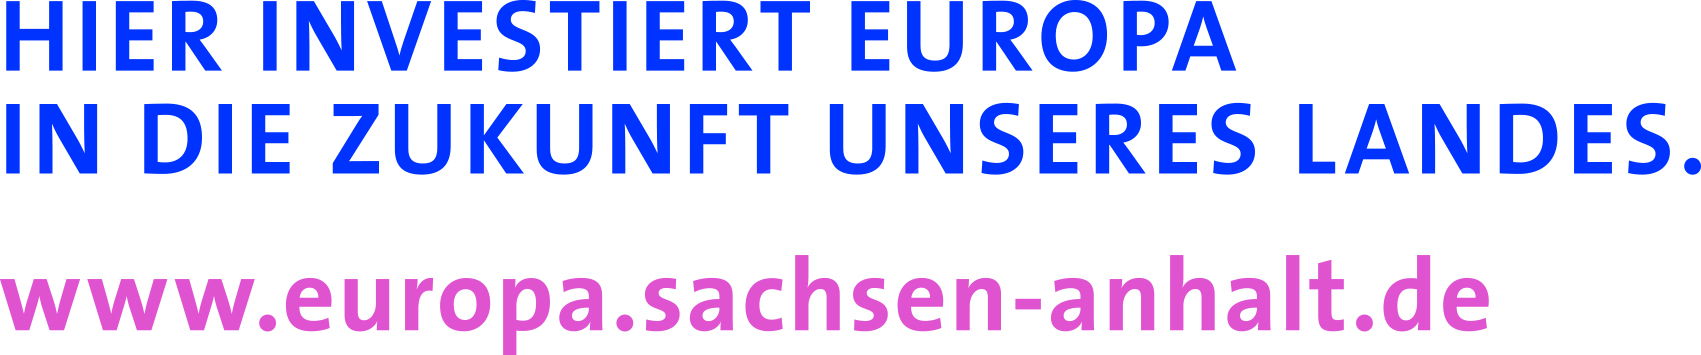 ESF_hier_investiert_europa_in_d_zukunft_4c_print.jpg